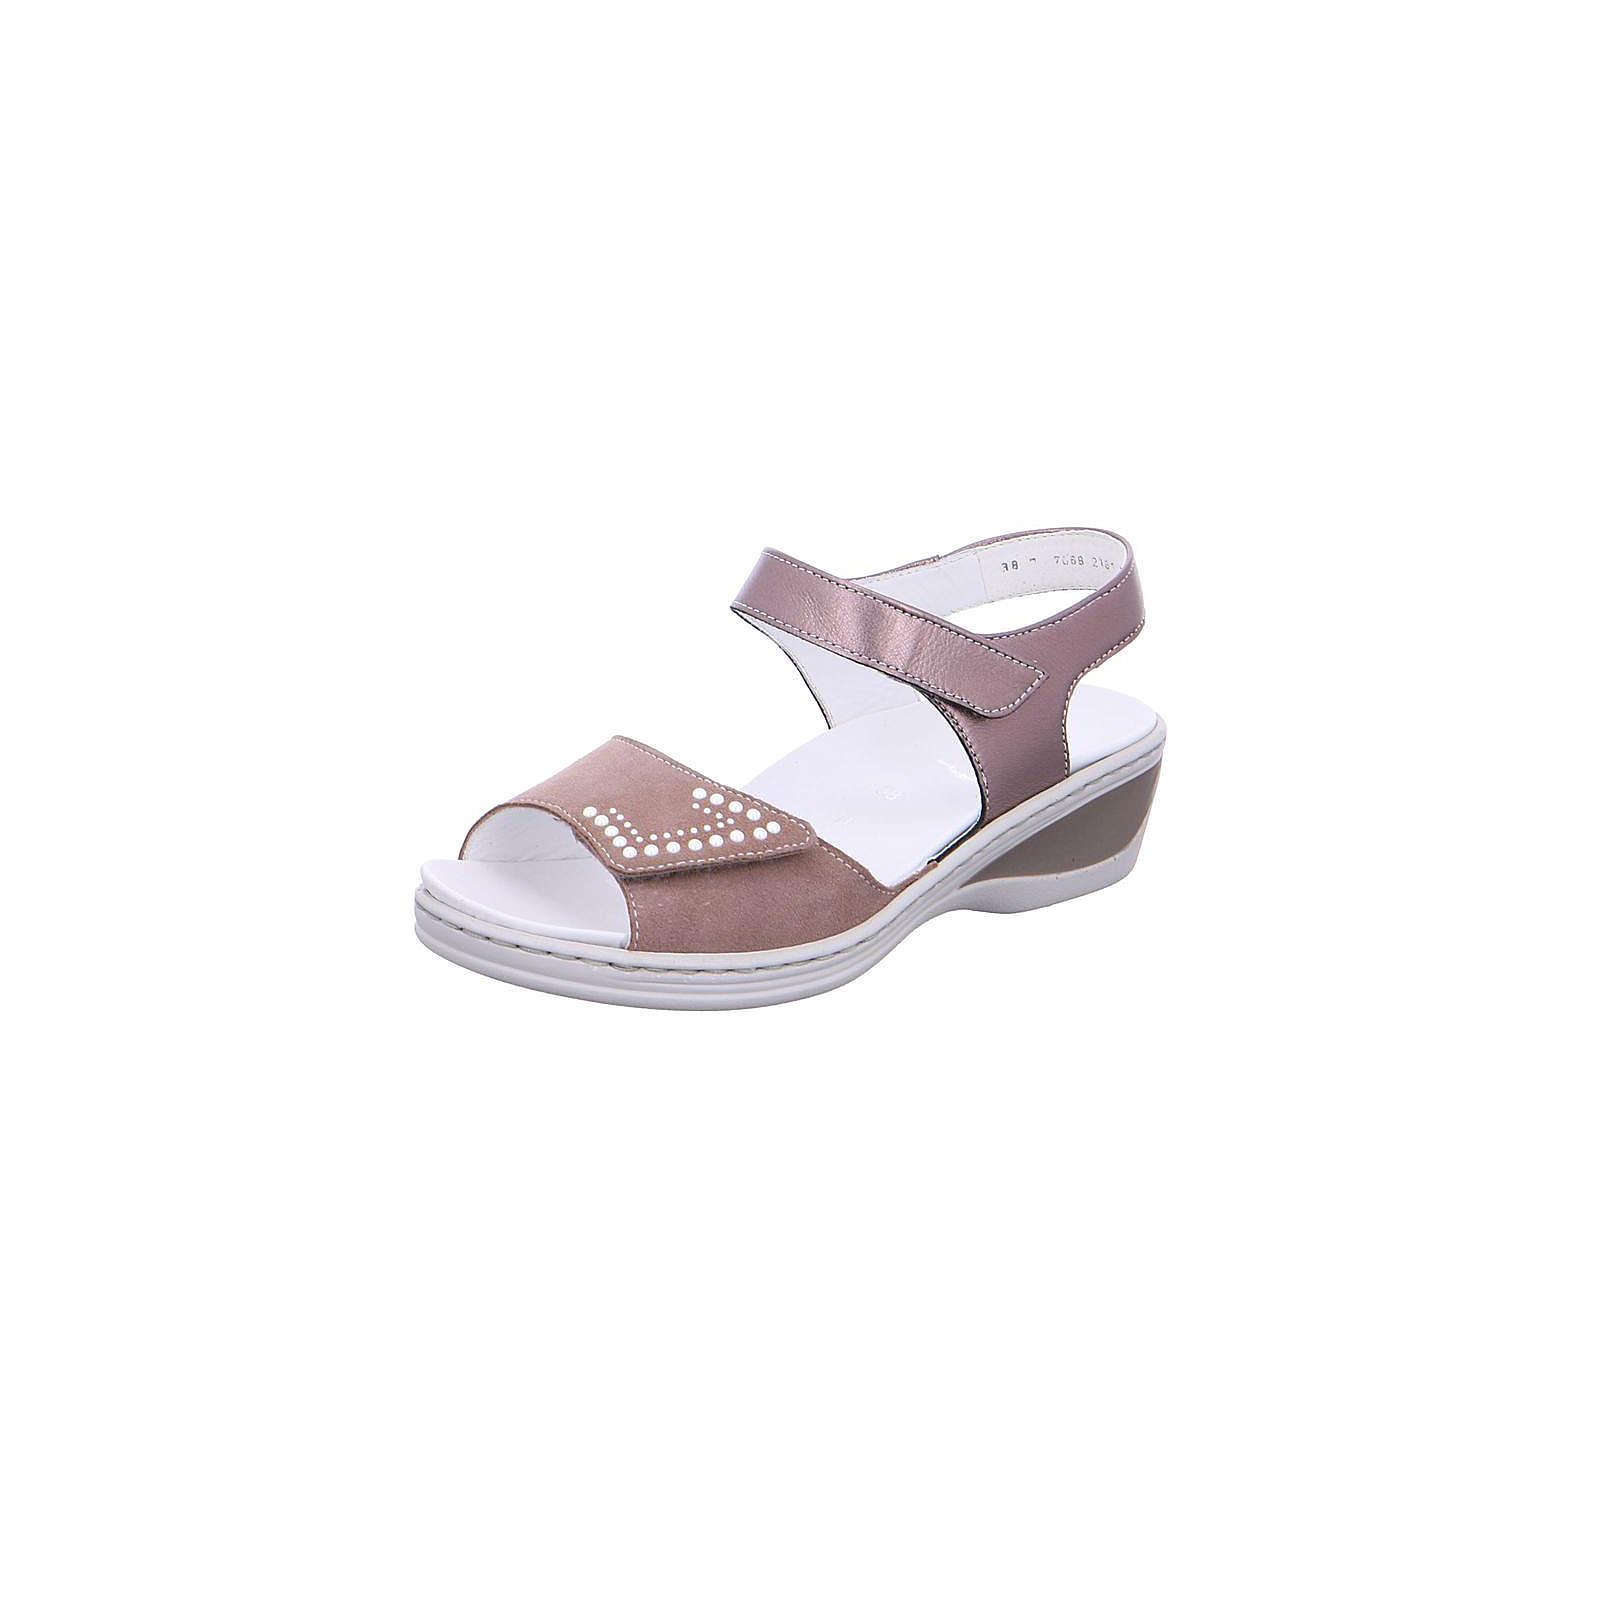 ara Klassische Sandalen bronze Damen Gr. 41